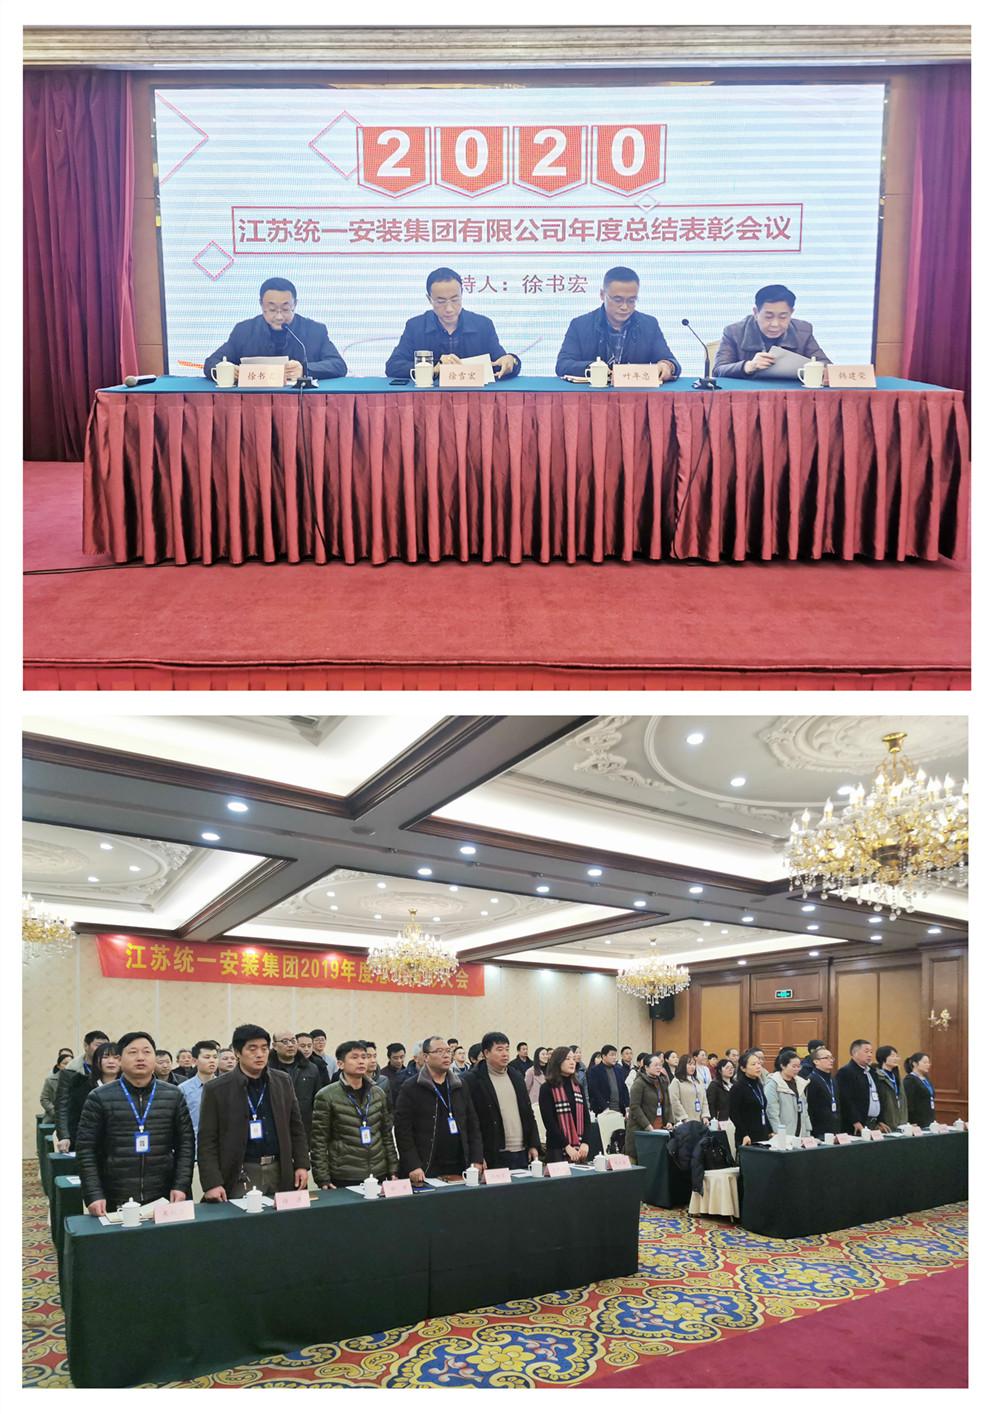 江苏统一平板电脑manbetx万博官网集团召开 2019年度工作总结表彰大会